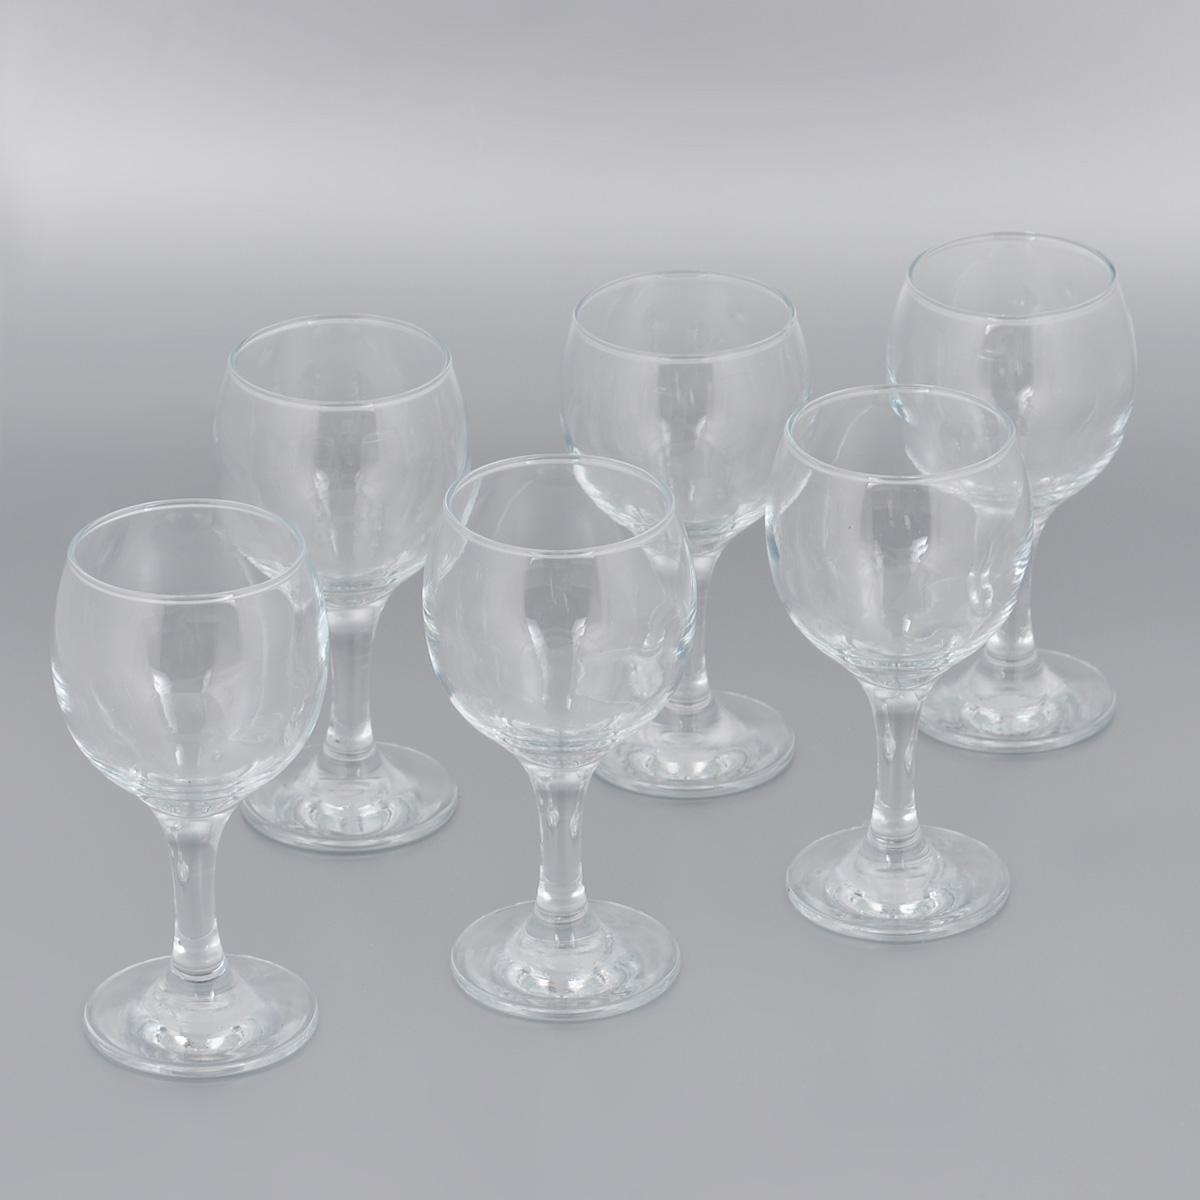 Набор бокалов для красного вина Pasabahce Bistro, 225 мл, 6 шт44412BНабор Pasabahce Bistro состоит из шести бокалов, выполненных из прочного натрий-кальций-силикатного стекла. Бокалы предназначены для подачи красного вина. Они сочетают в себе элегантный дизайн и функциональность. Благодаря такому набору пить напитки будет еще вкуснее. Набор бокалов Pasabahce Bistro прекрасно оформит праздничный стол и создаст приятную атмосферу за романтическим ужином. Такой набор также станет хорошим подарком к любому случаю. Можно мыть в посудомоечной машине и использовать в микроволновой печи. Диаметр бокала (по верхнему краю): 6 см. Высота бокала: 15 см.